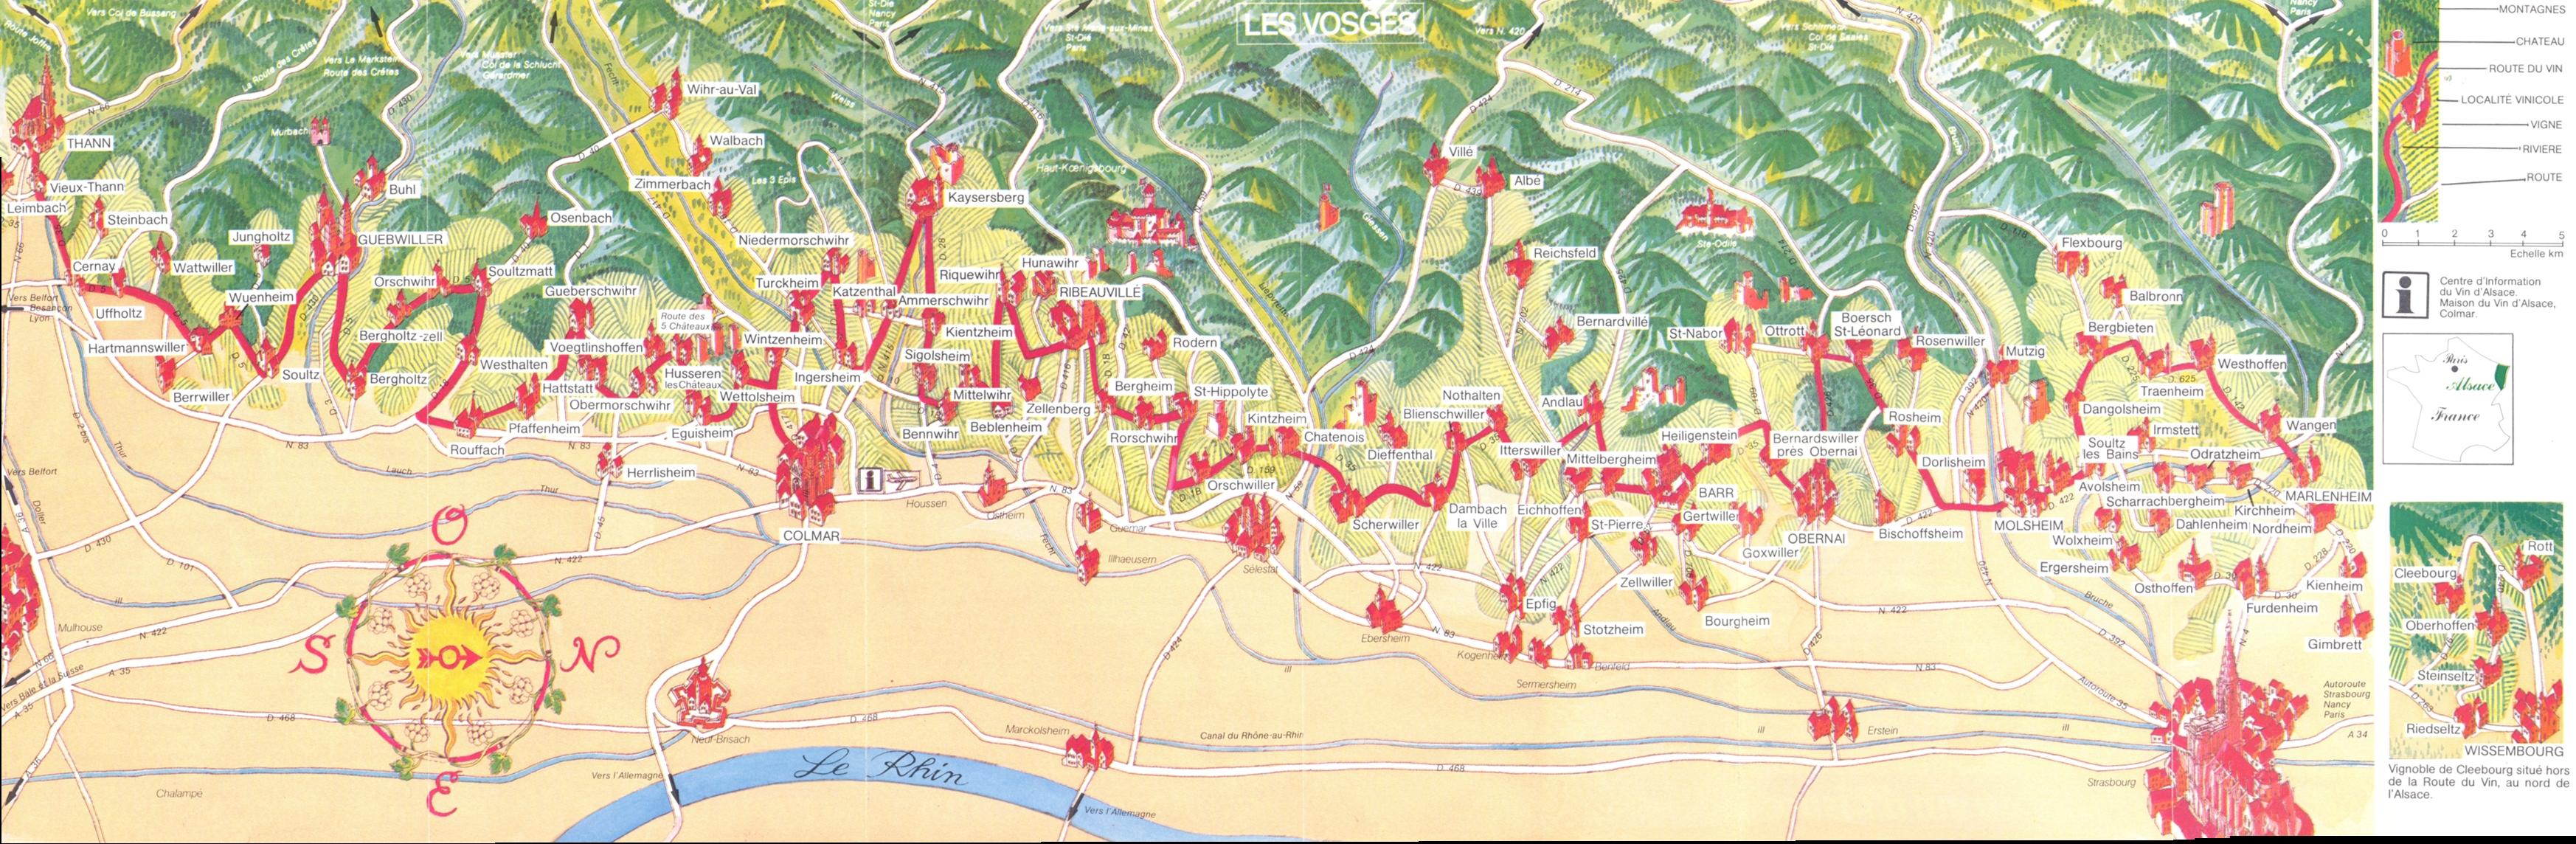 Alsace Route du Vin Map alsace fr mappery